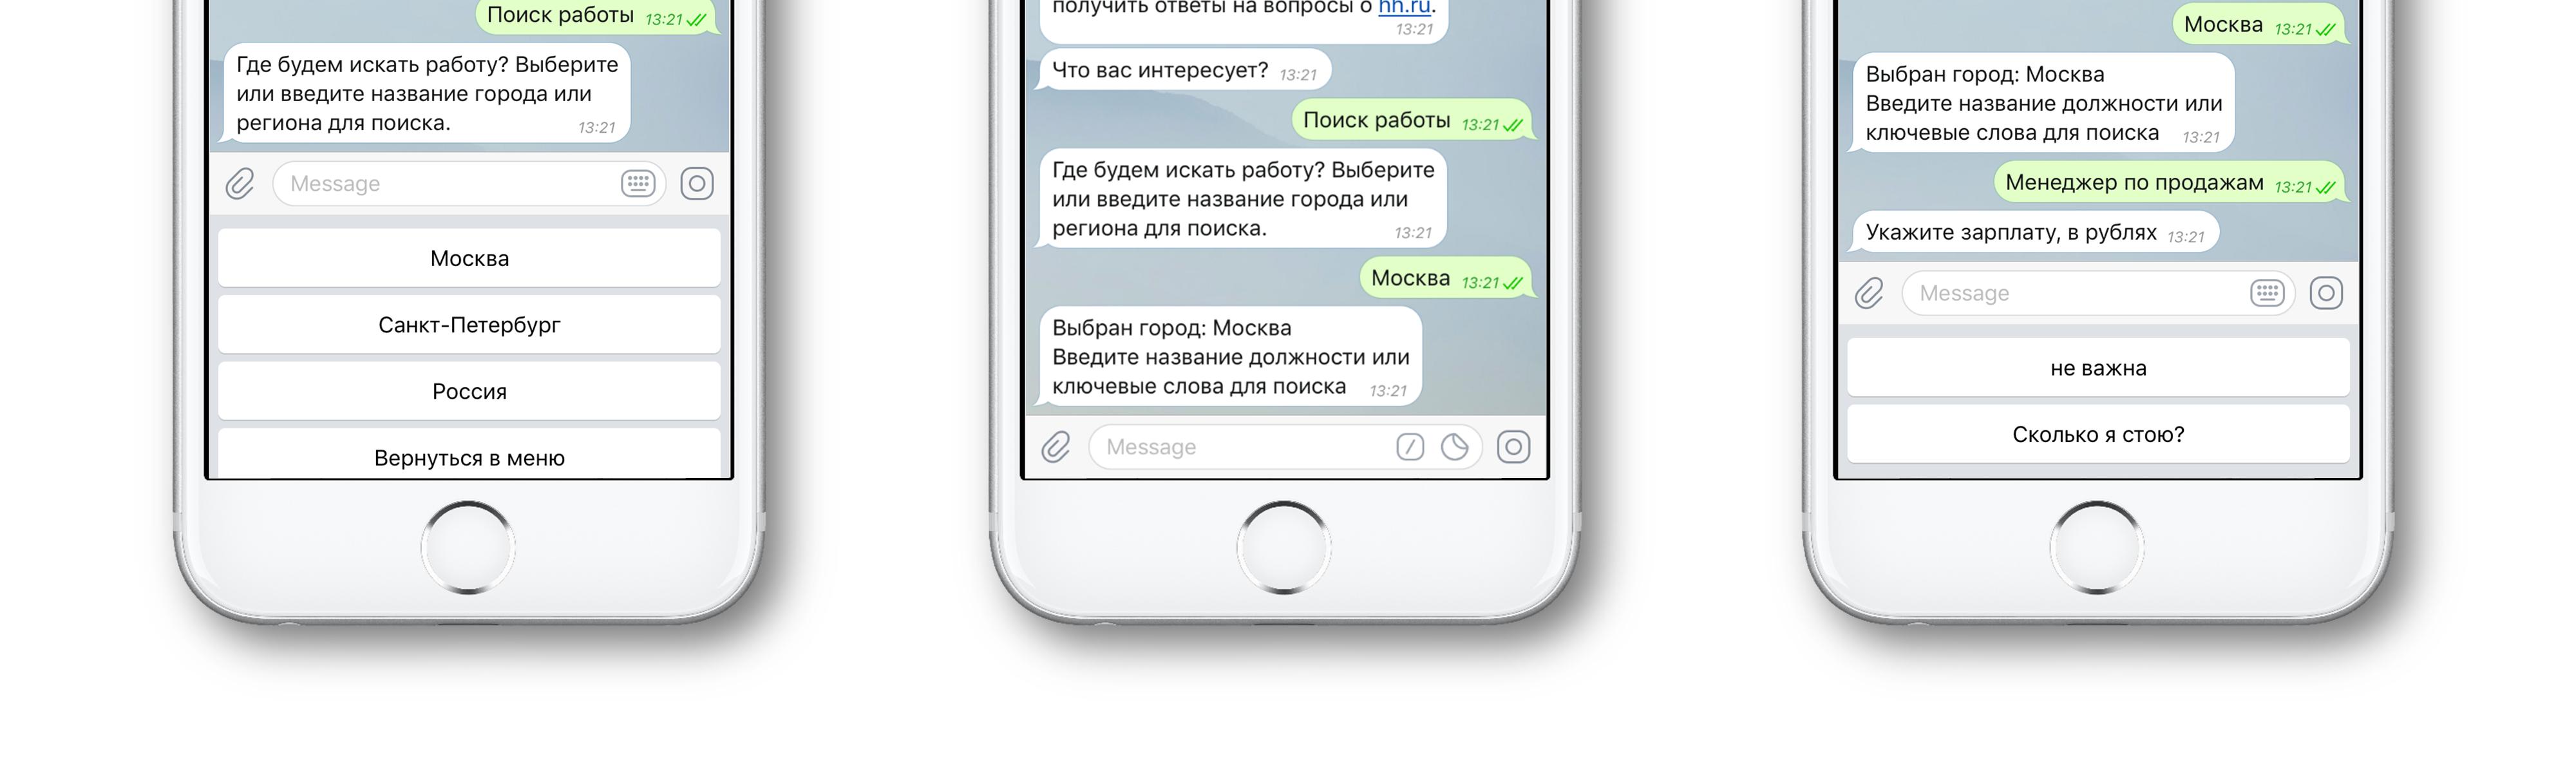 Настройте рассылку вакансий в Telegram